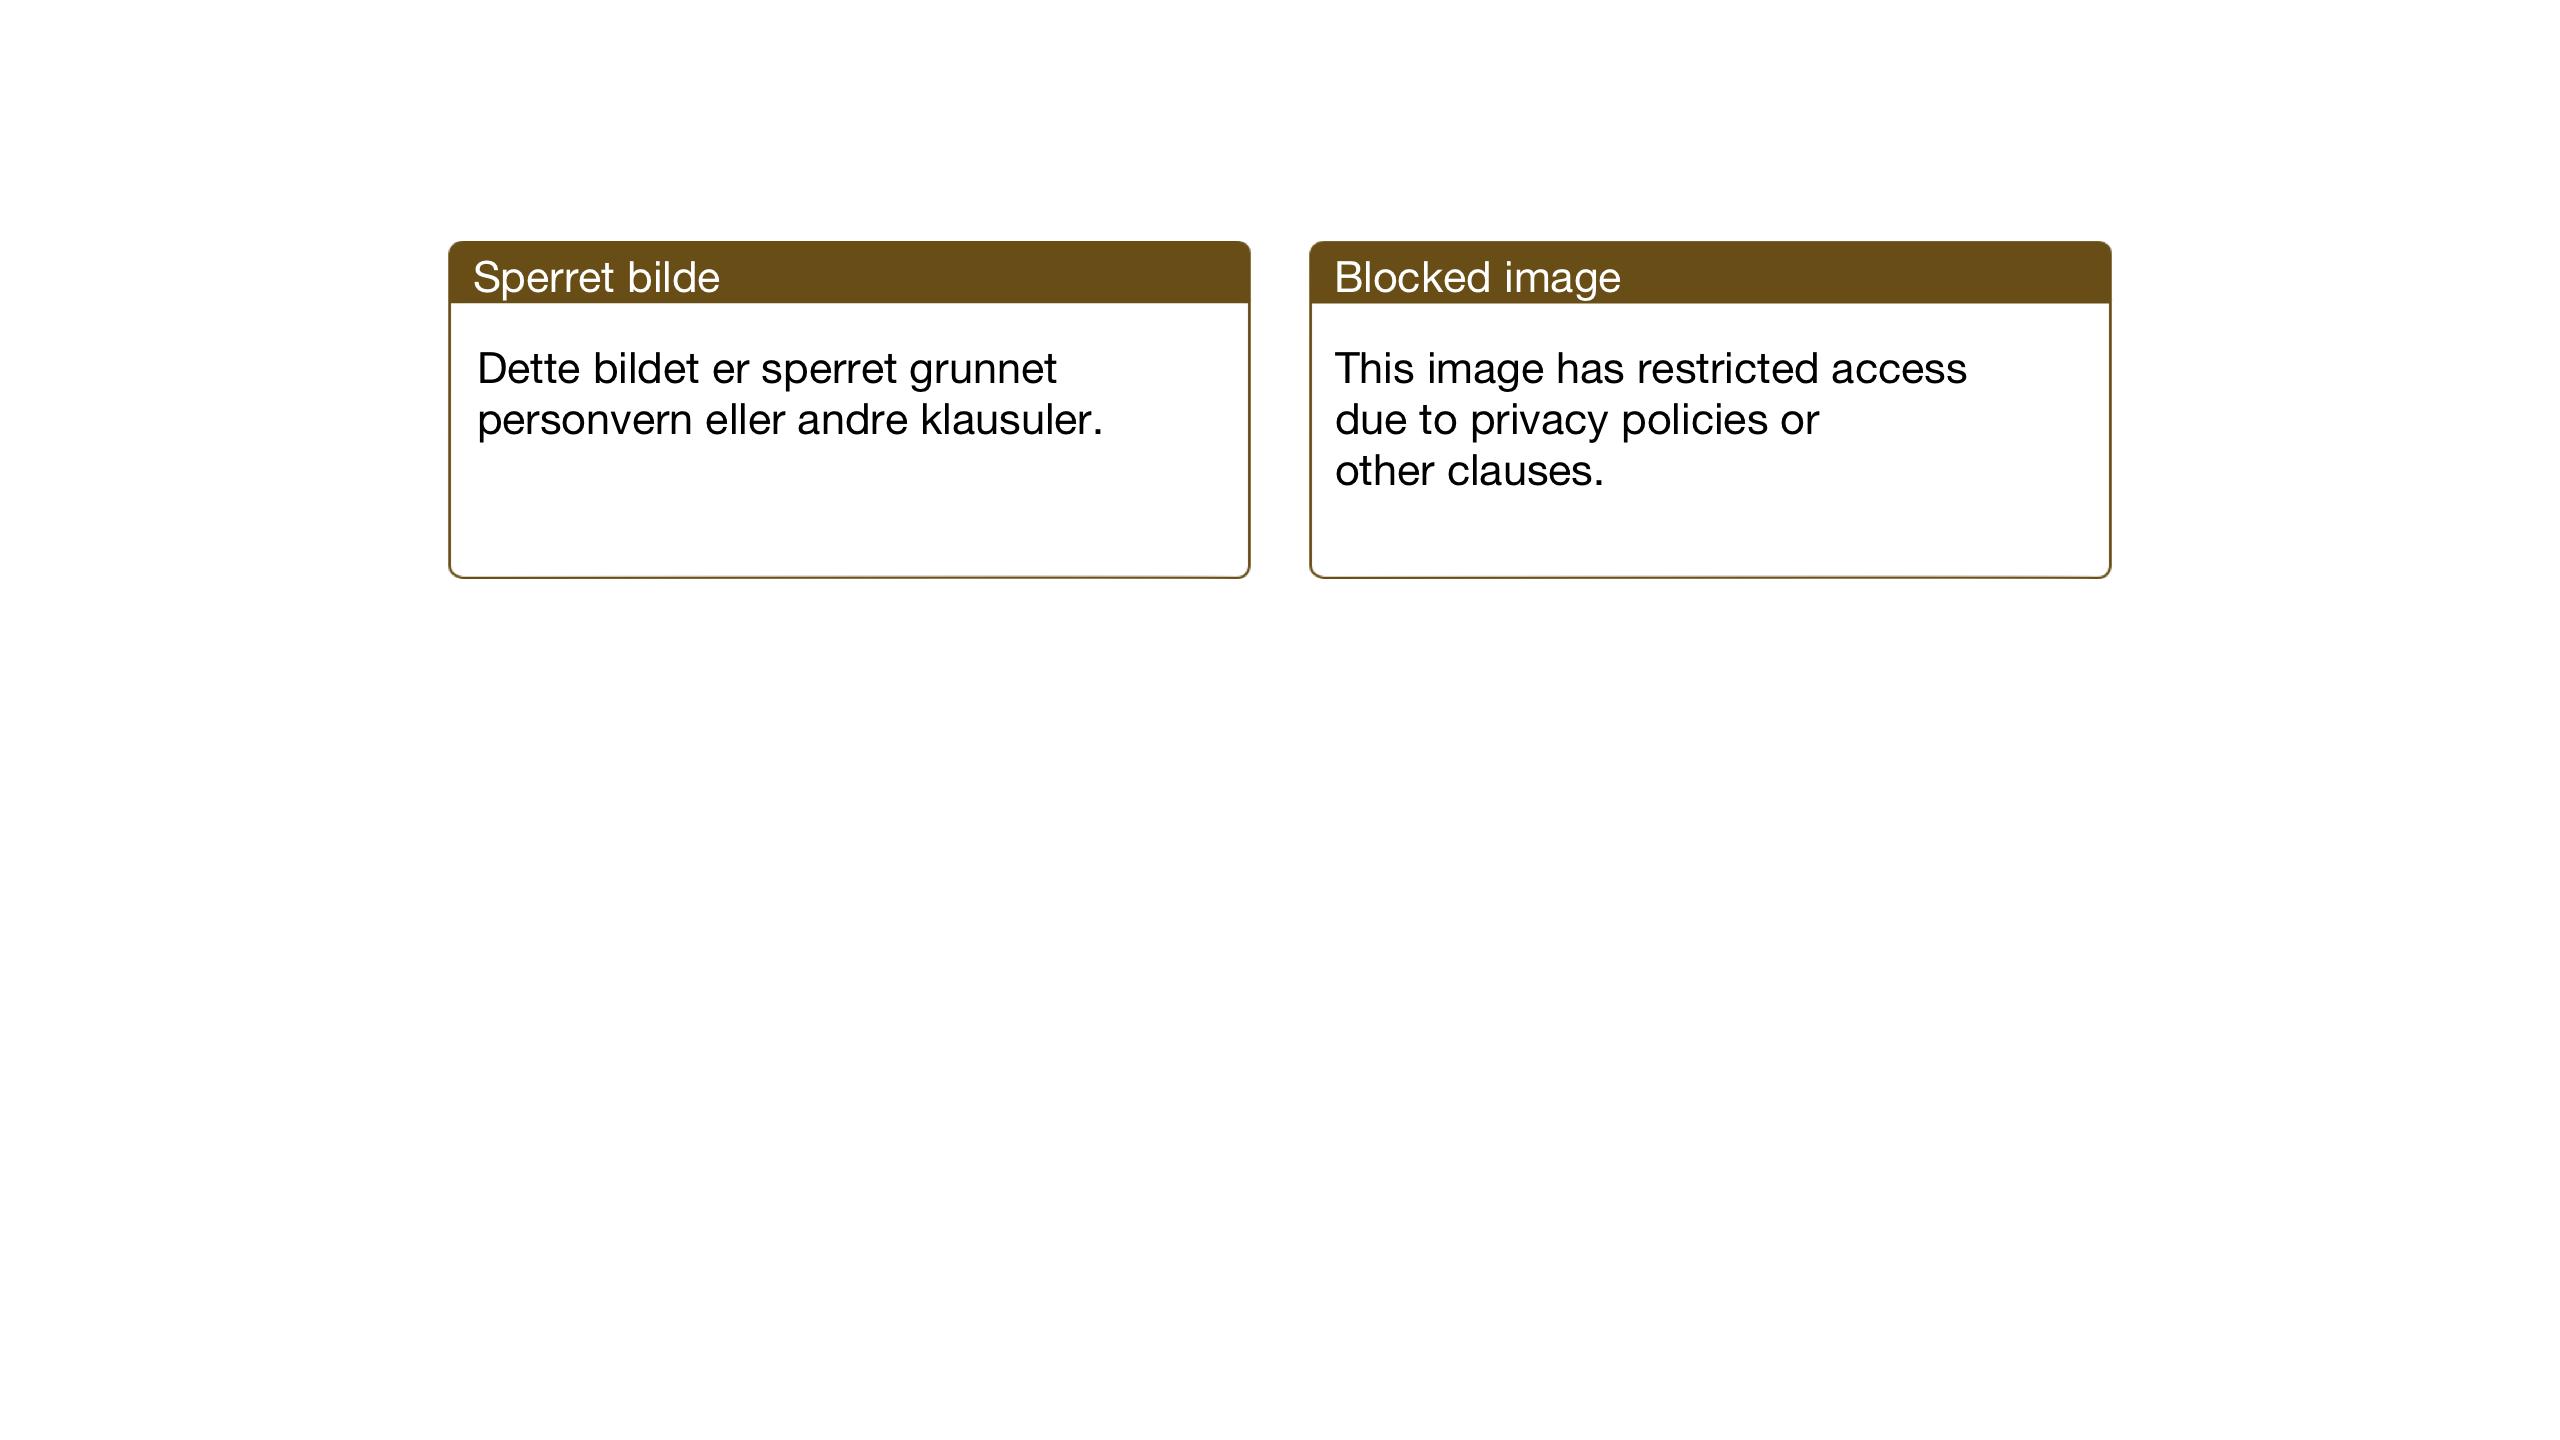 SAT, Ministerialprotokoller, klokkerbøker og fødselsregistre - Sør-Trøndelag, 681/L0943: Klokkerbok nr. 681C07, 1926-1954, s. 162